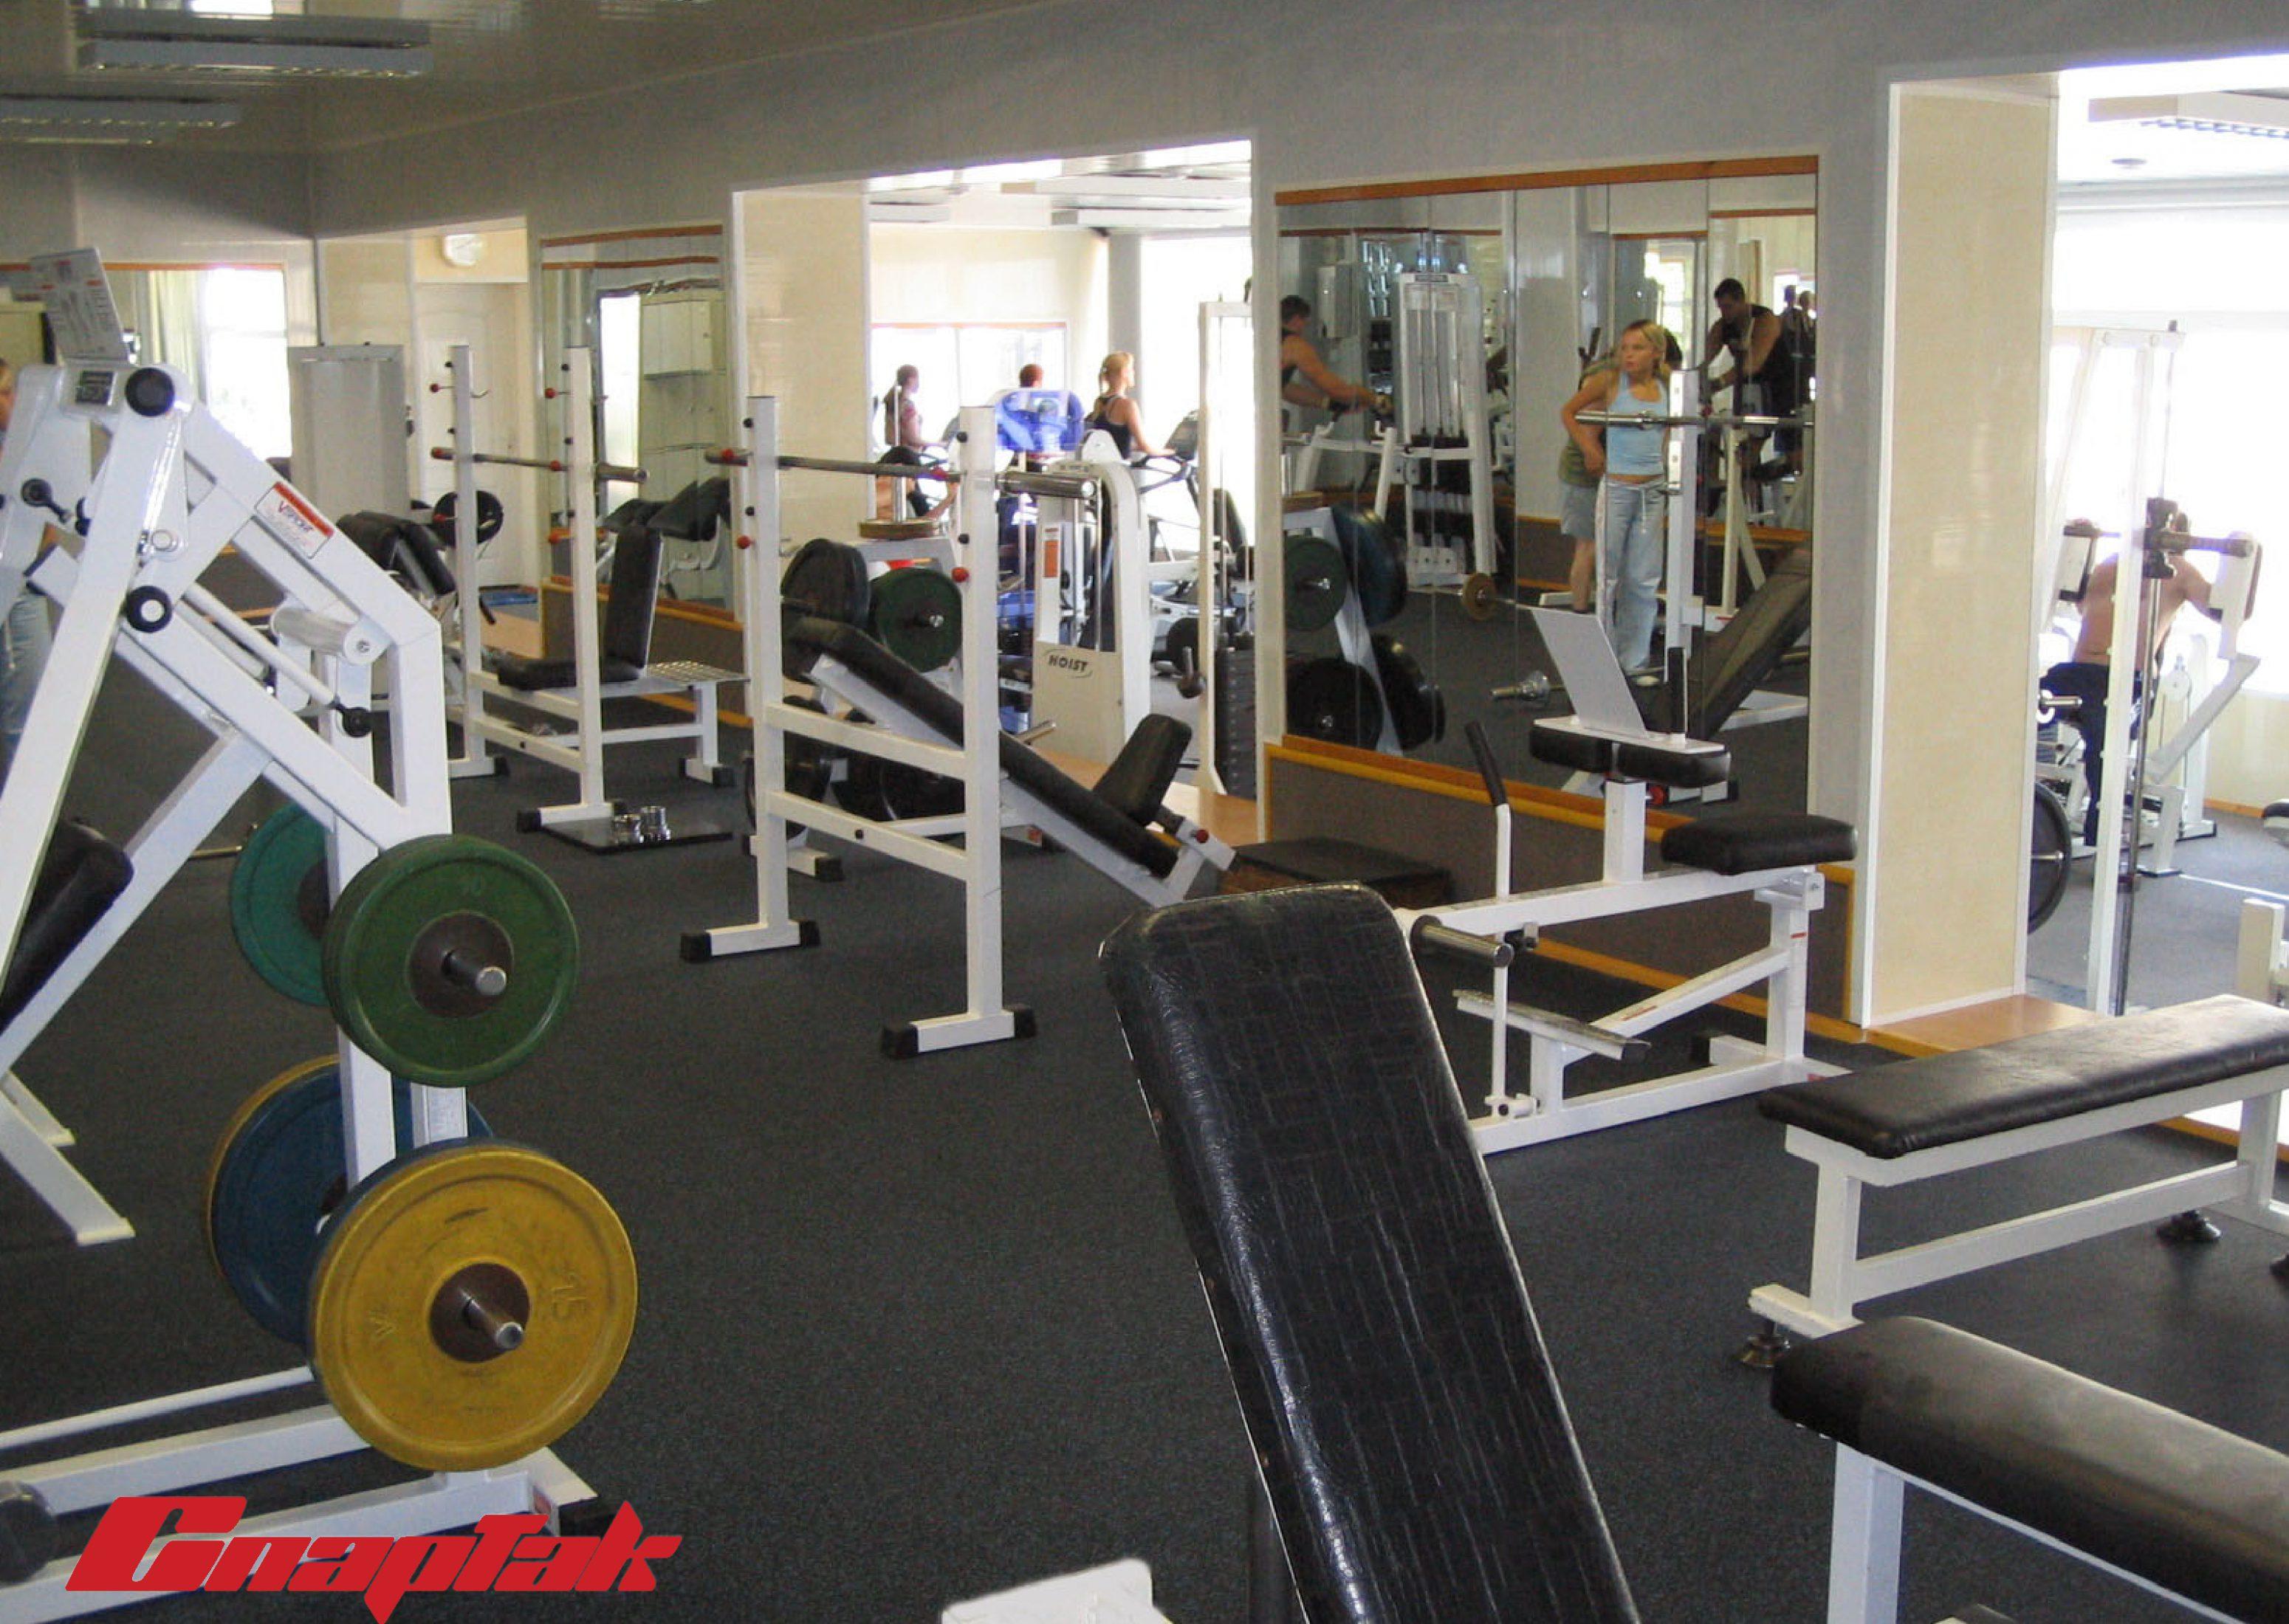 спартак тренажерный зал 6 3100x2200 Тренажерный зал Спартак